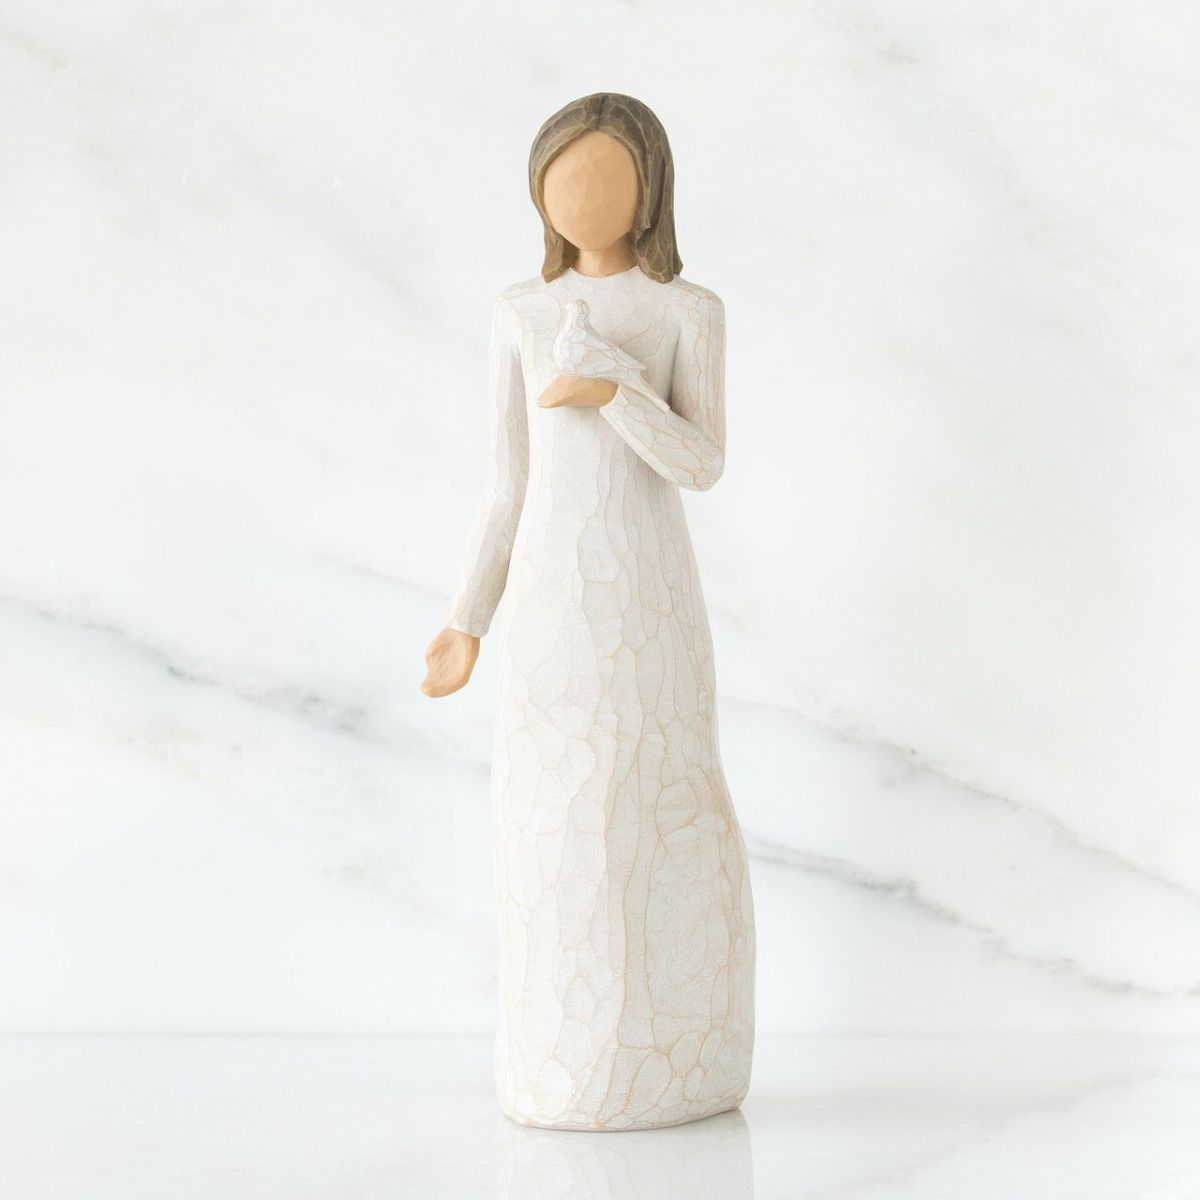 ウィローツリー彫像 【With sympathy】 - 共感